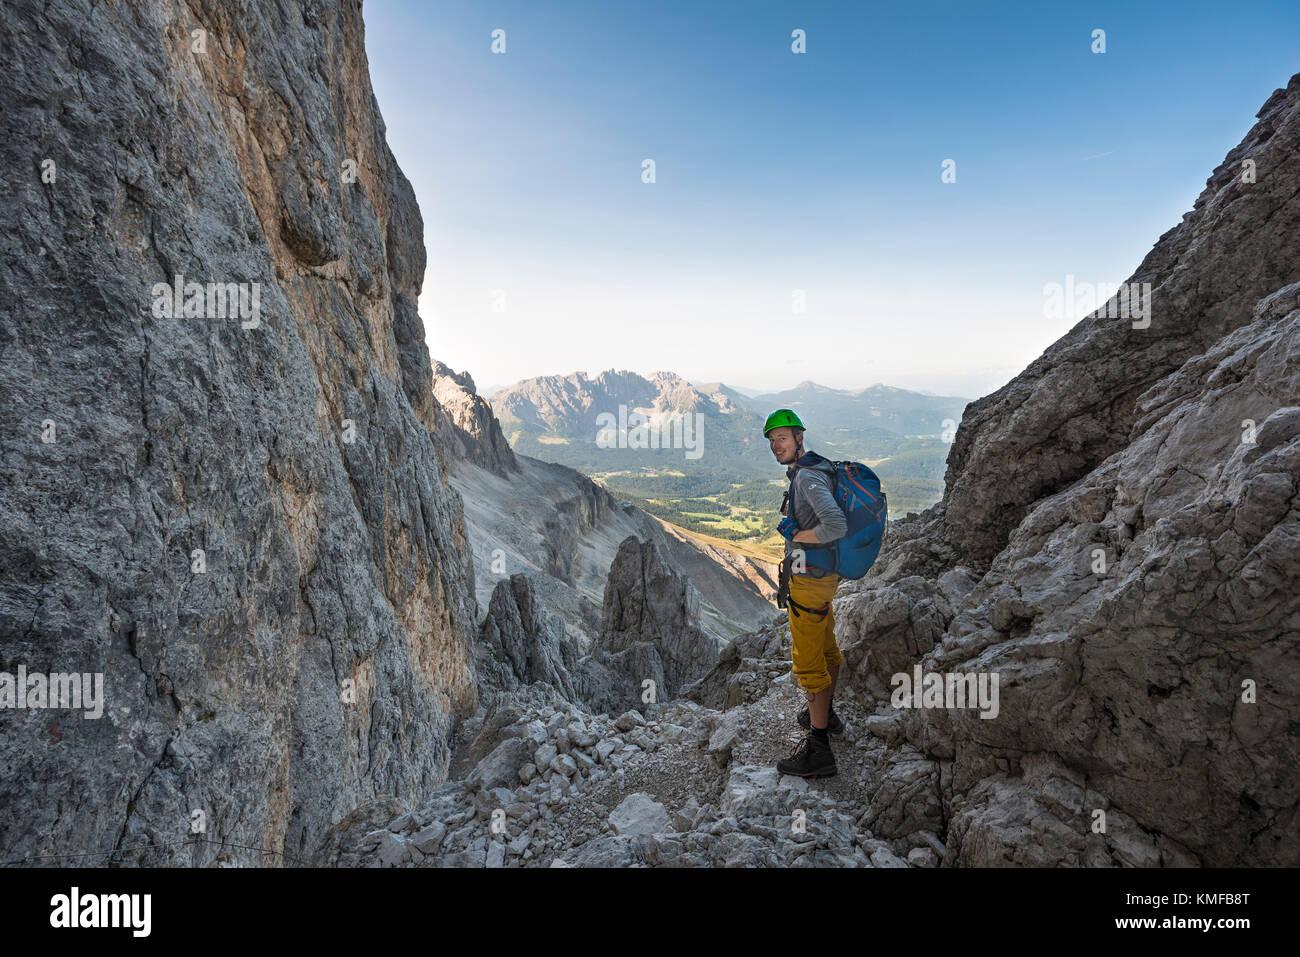 Klettersteig Rosengarten : Wanderer in der santner klettersteig rosengarten gruppe mit blick